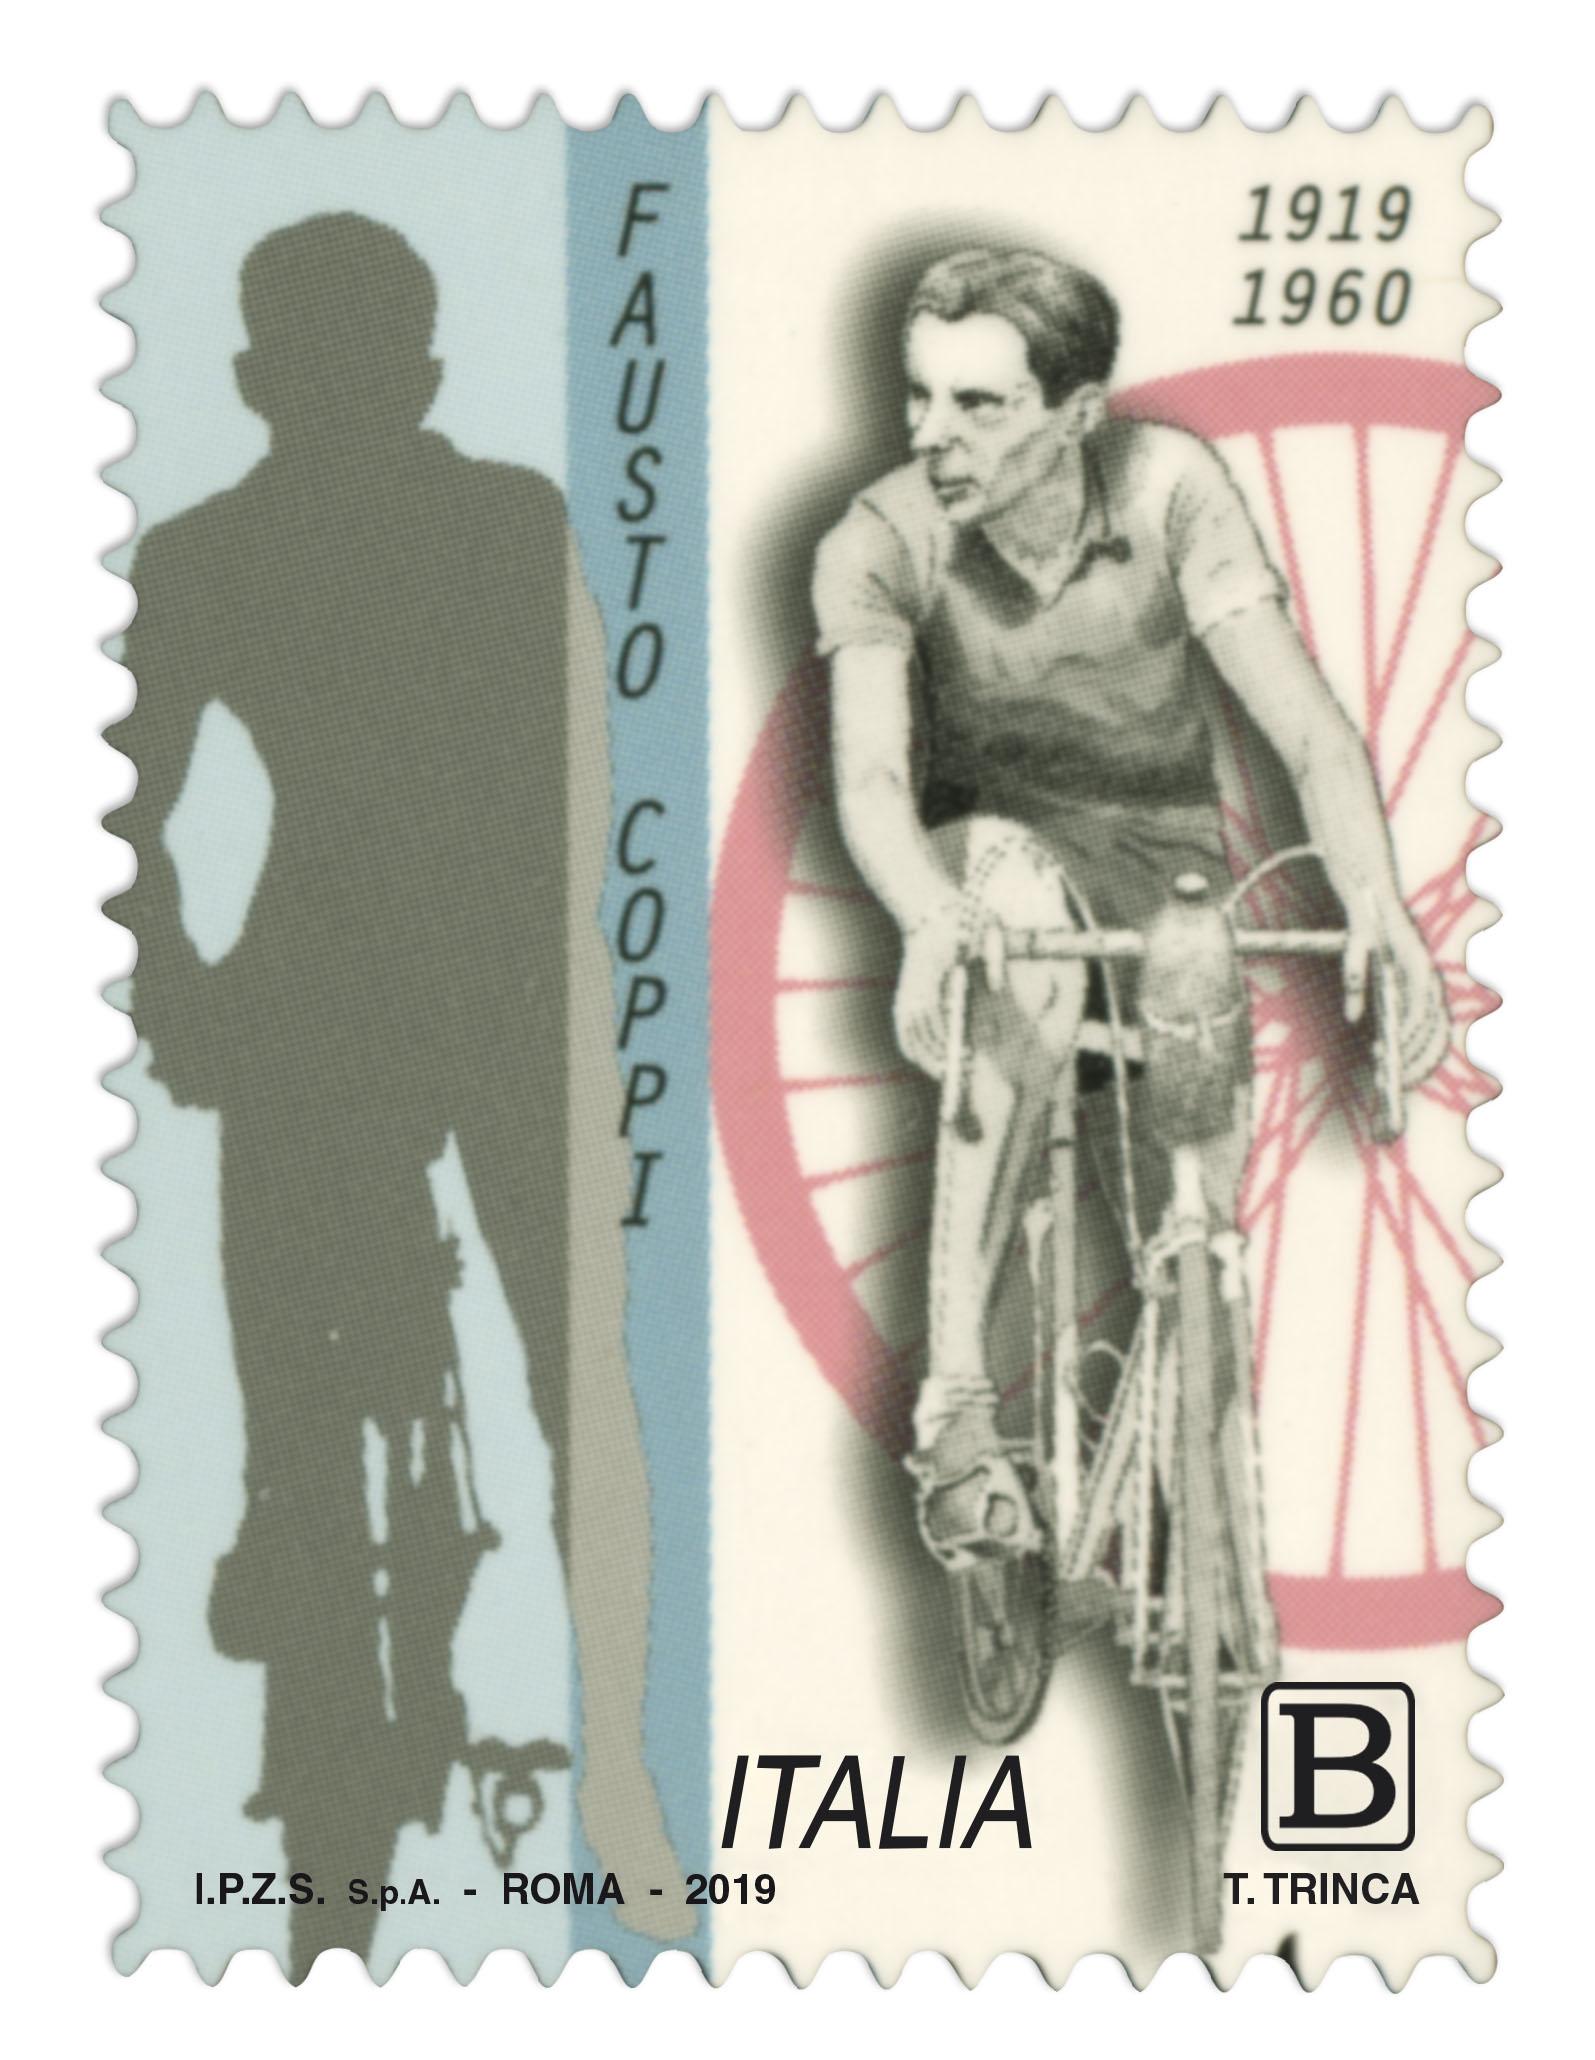 Ciclismo, cento anni fa nasceva il grande campione Fausto Coppi